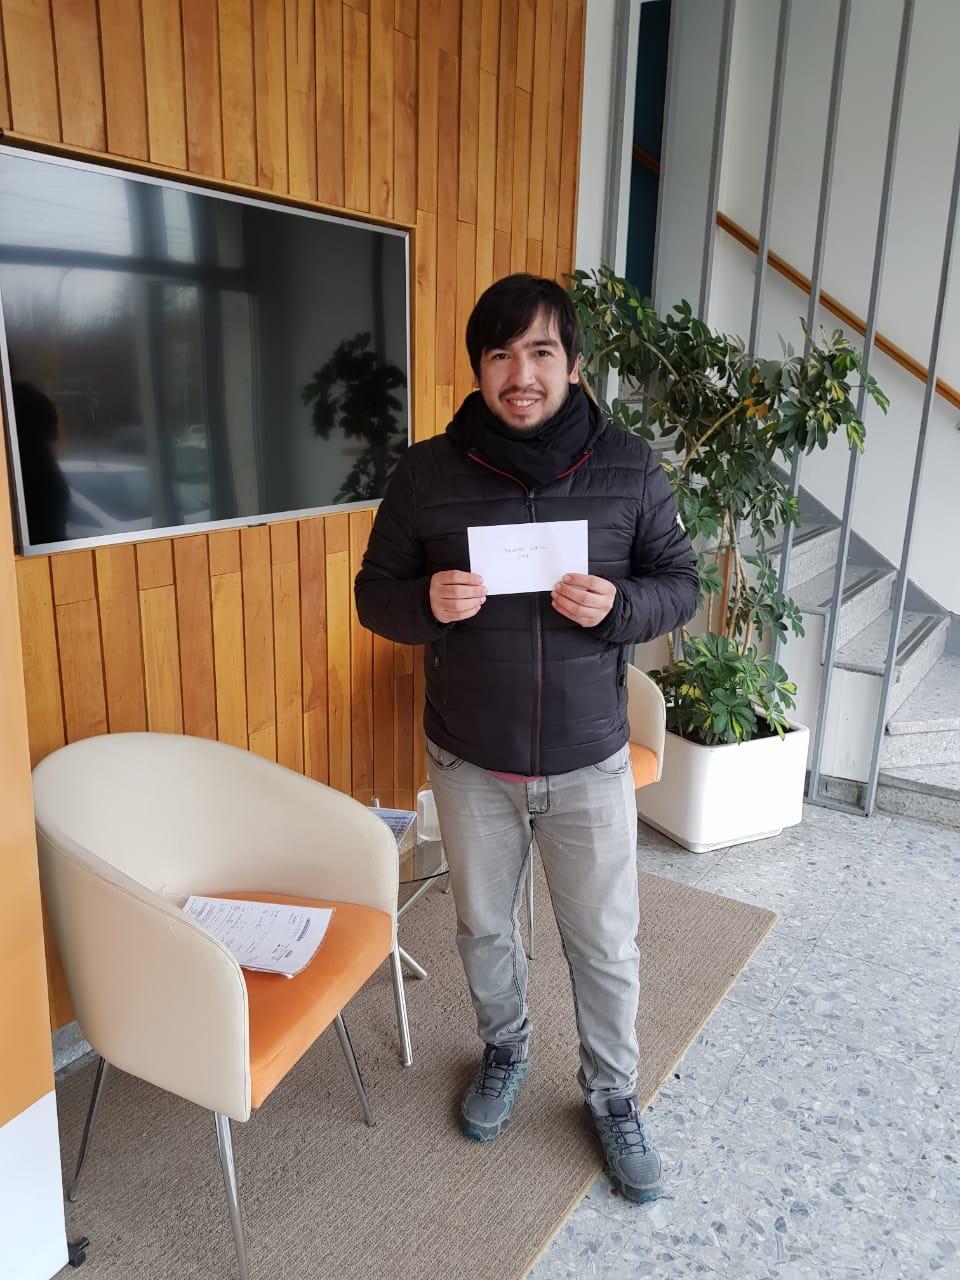 Ricardo buscó el premio que ganó su mamá Emilia.